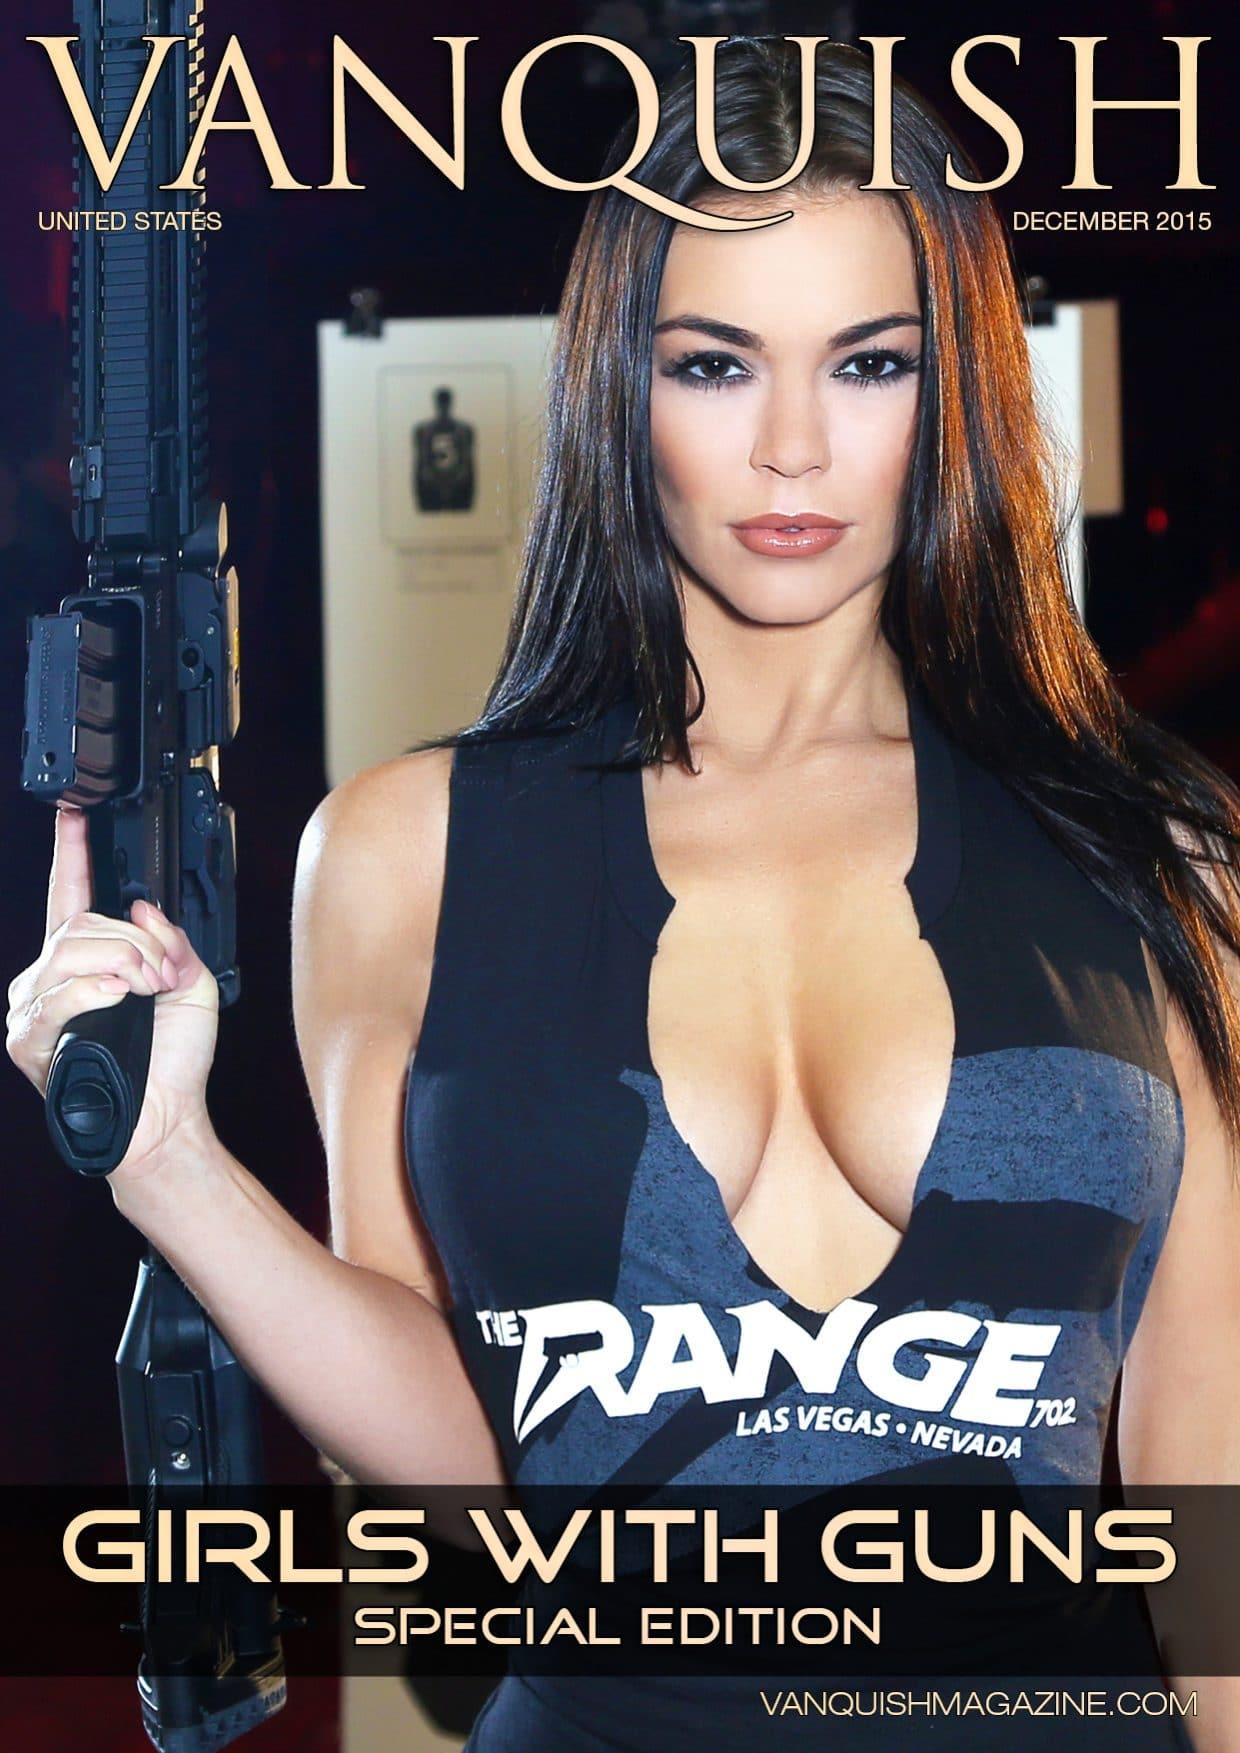 Vanquish Magazine - Girls with Guns - Sierra Rene